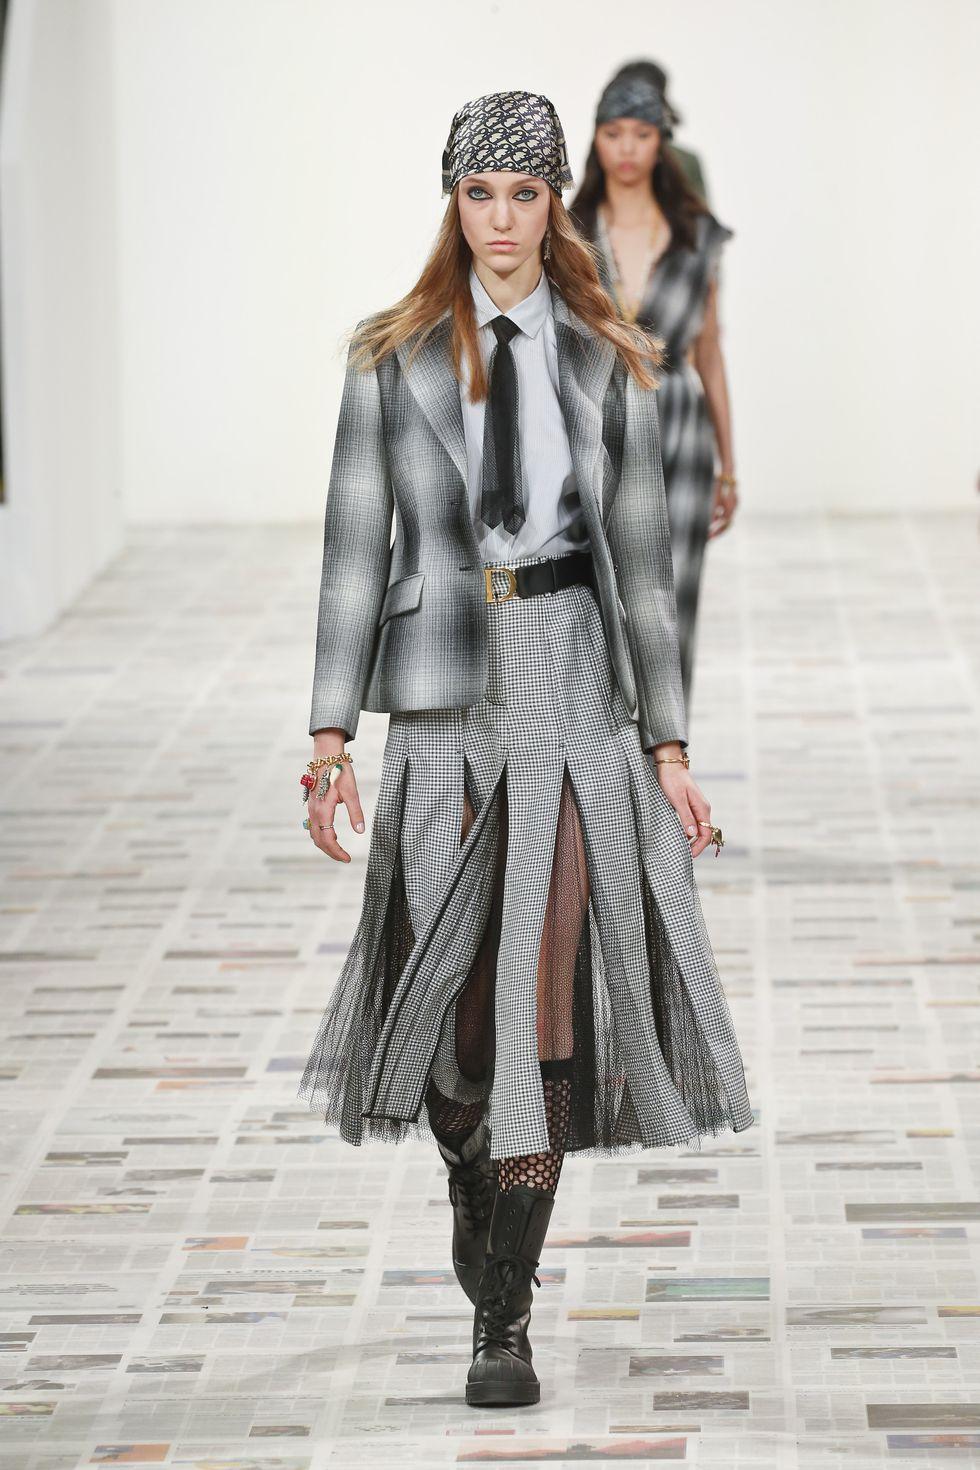 Fall 2020 Fashion